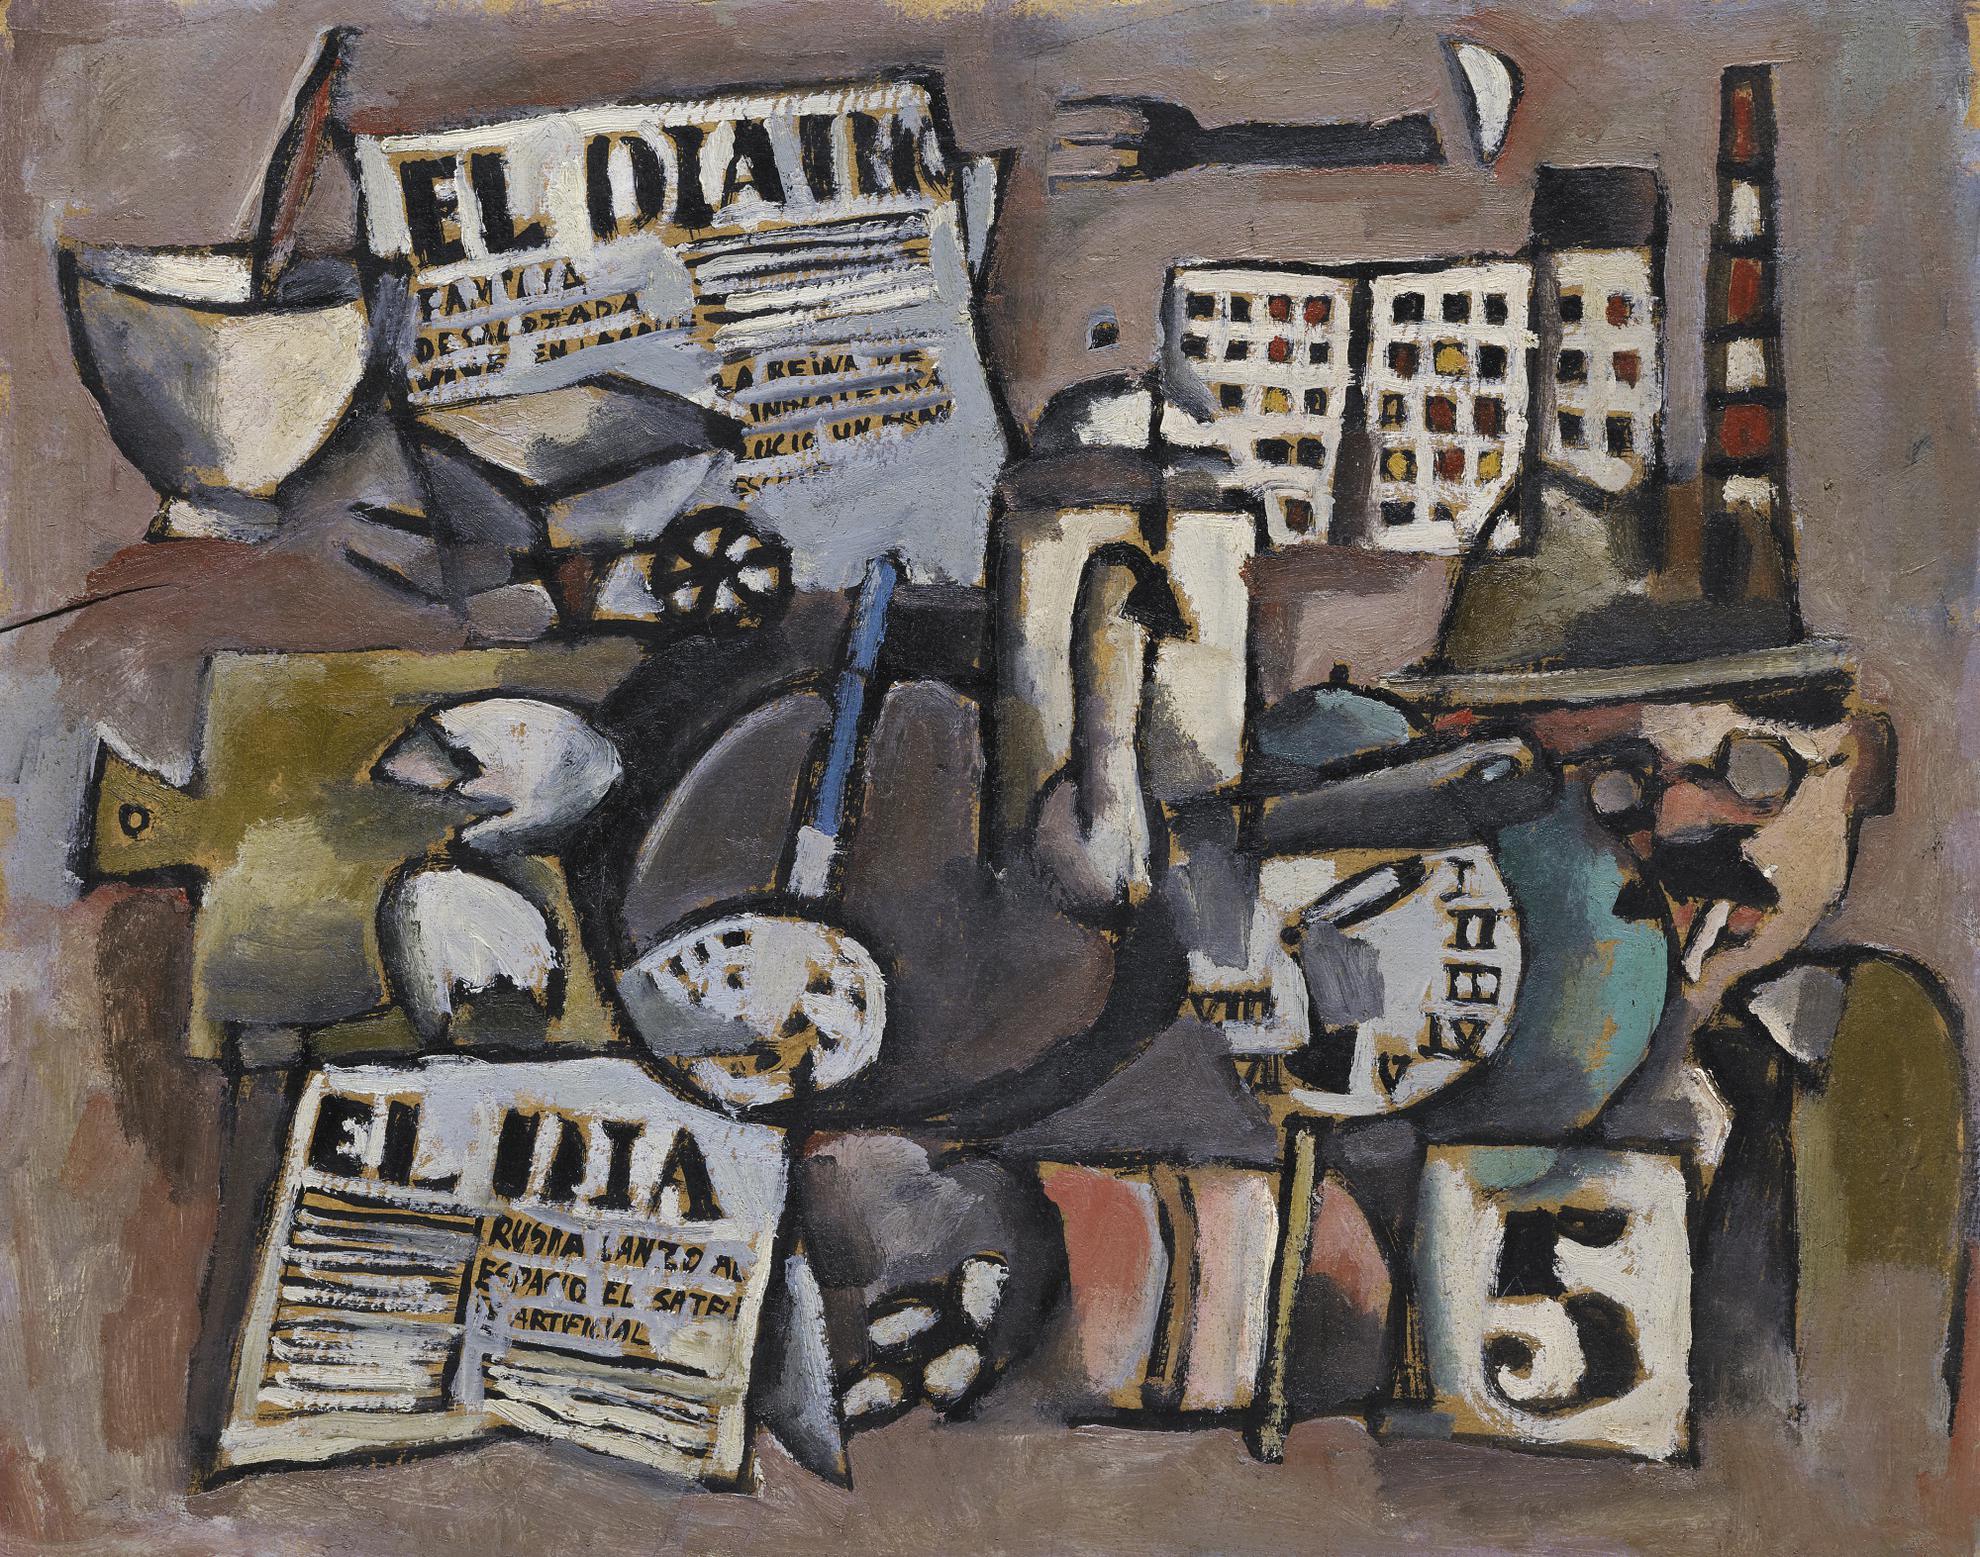 Jose Gurvich - Poema Cotidiano (El Dia Rusia Lanzo El Satelite)-1957